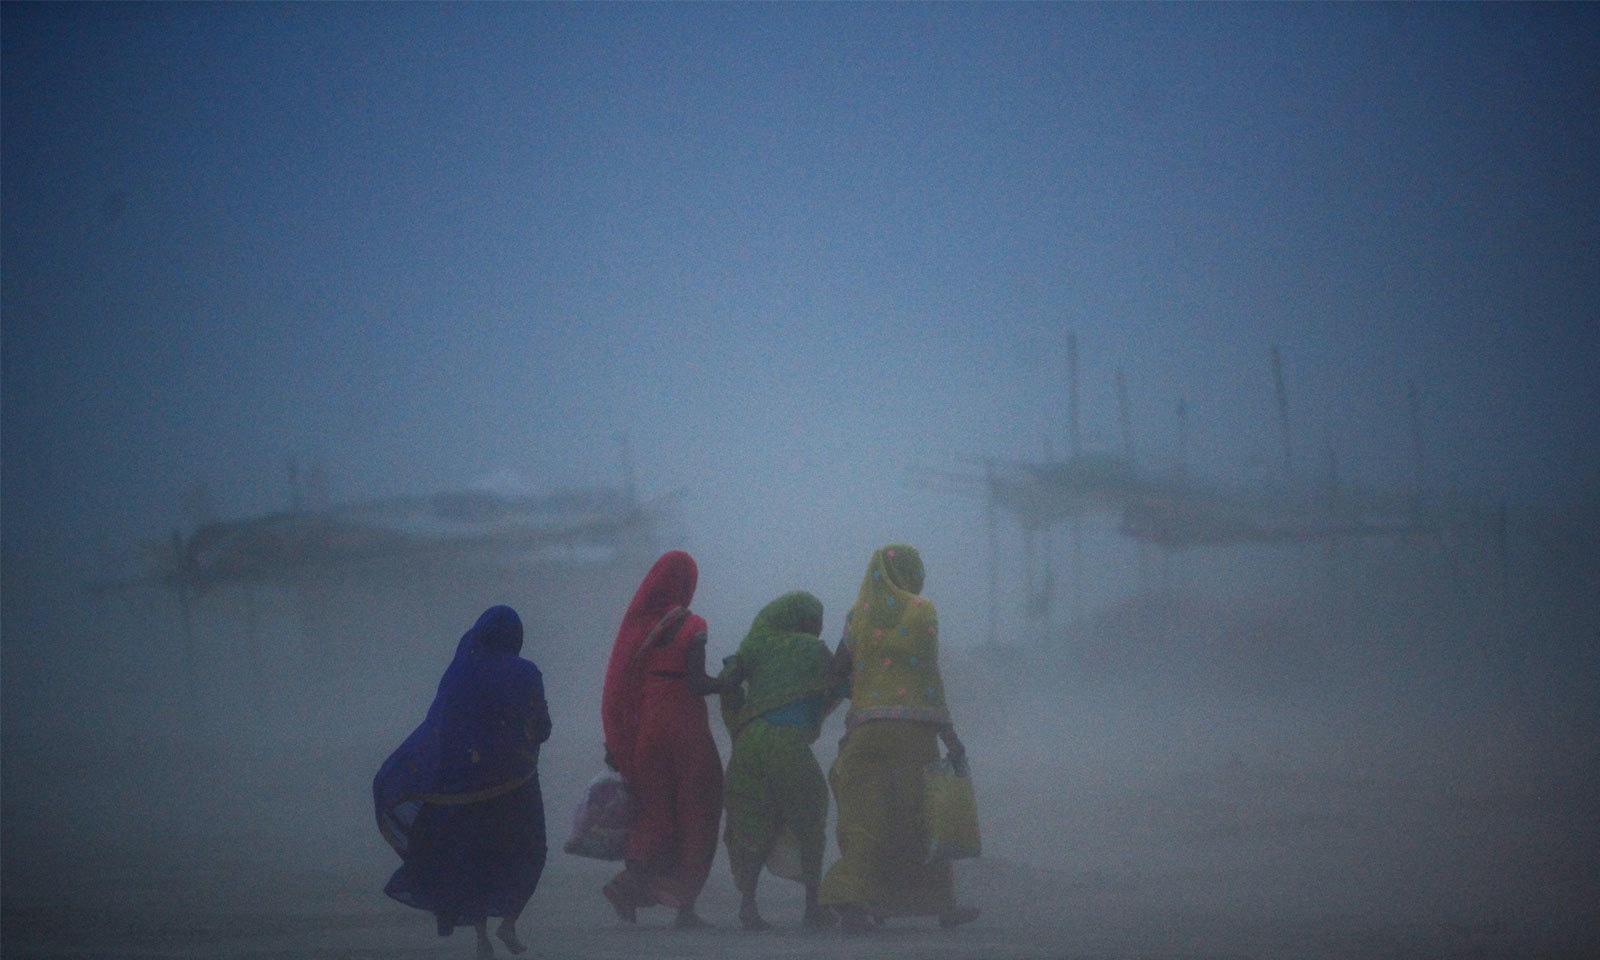 بھارت کے شہر الہ آباد میں مٹی کا طوفان آنے کے بعد دن میں ہر سو اندھیرا چھا گیا— فوٹو: اے ایف پی